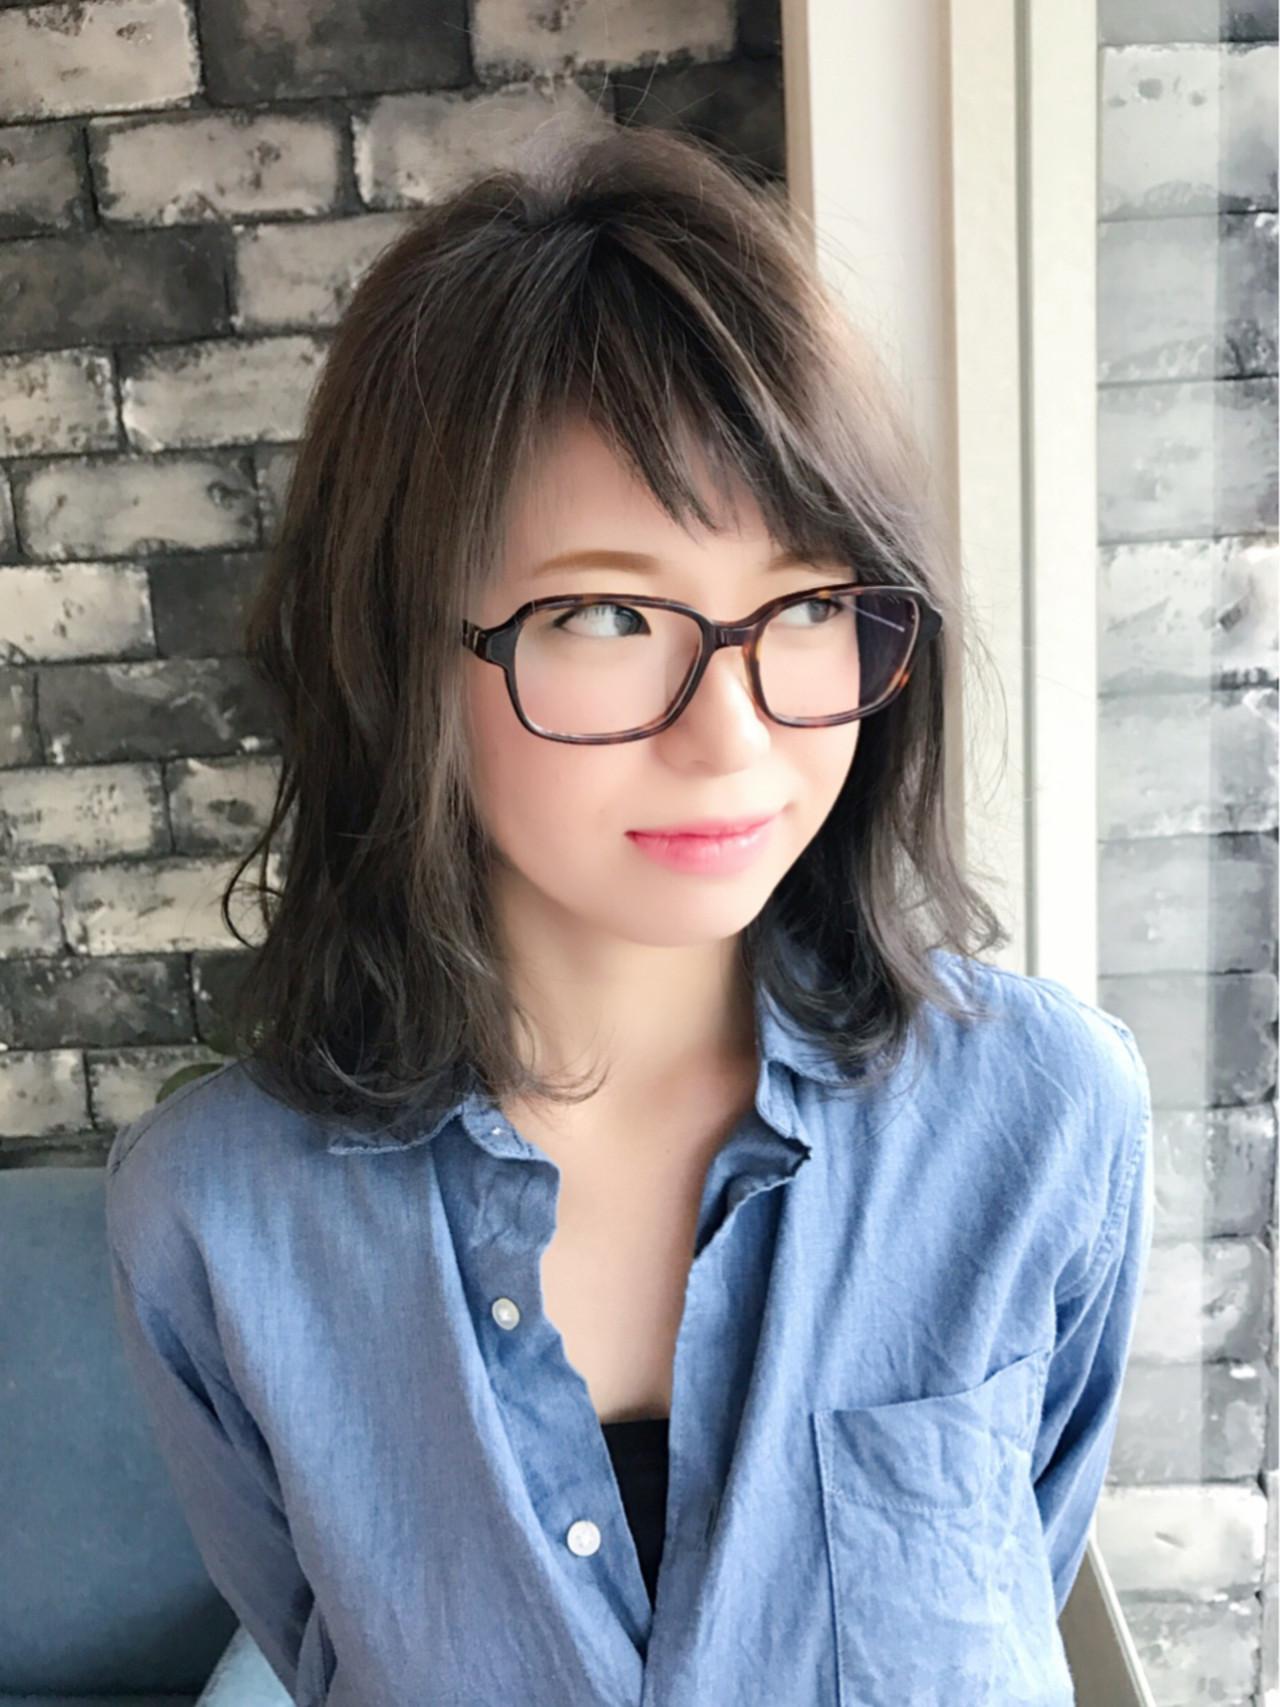 グレージュ ゆるふわ ベビーバング ナチュラル ヘアスタイルや髪型の写真・画像 | 満岡寛史/felice / felice